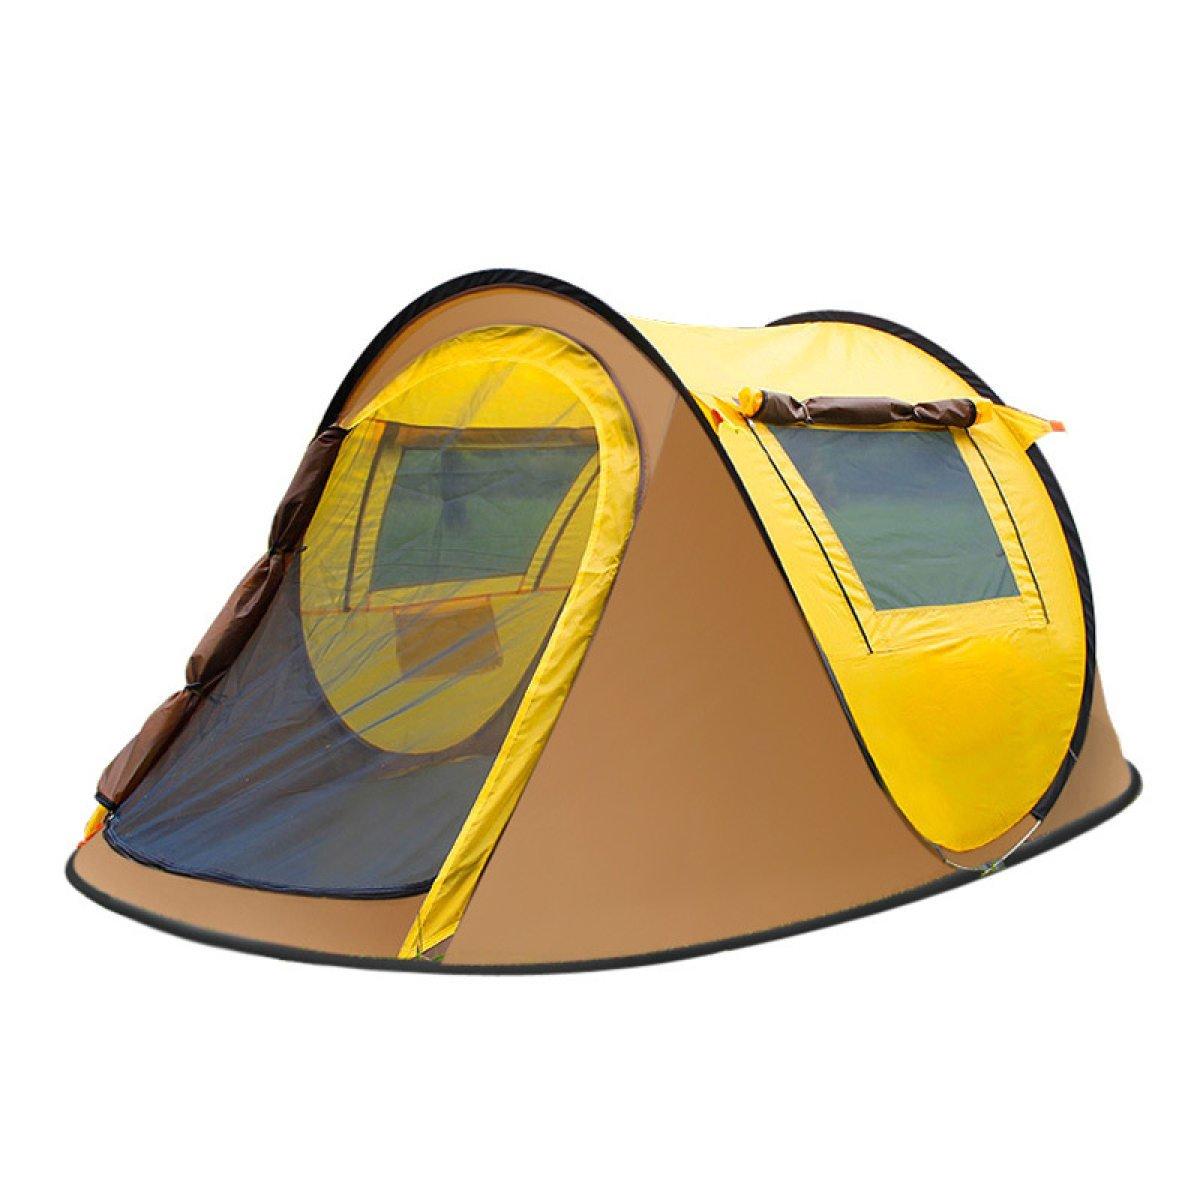 BFMEI Outdoor 3-4 Regen Doppel Automatische Regen 3-4 Zelt Öffnung Eingestellte Geschwindigkeit 2 Sekunden,SkyBlau-245150105 e1d9ba